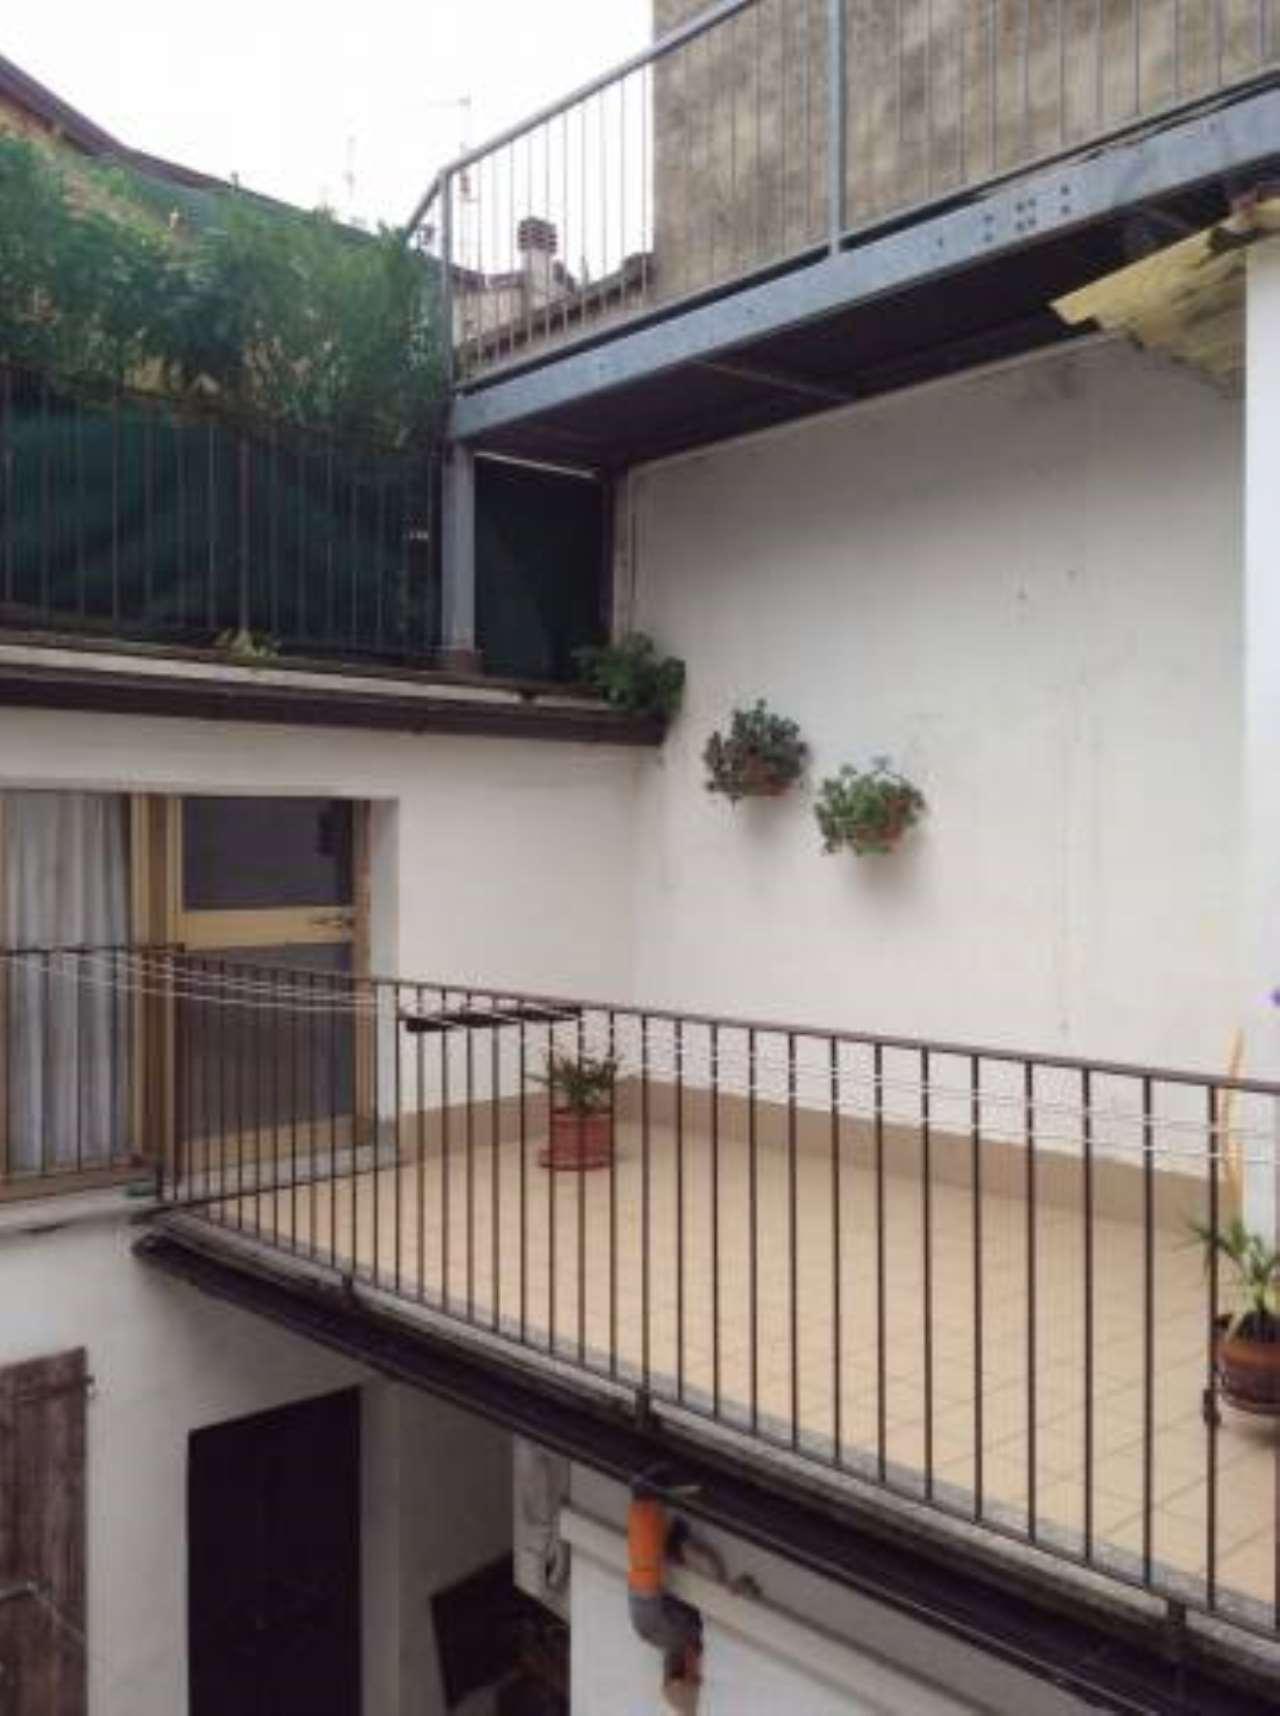 Appartamento in vendita a Fiorenzuola d'Arda, 3 locali, prezzo € 110.000 | PortaleAgenzieImmobiliari.it